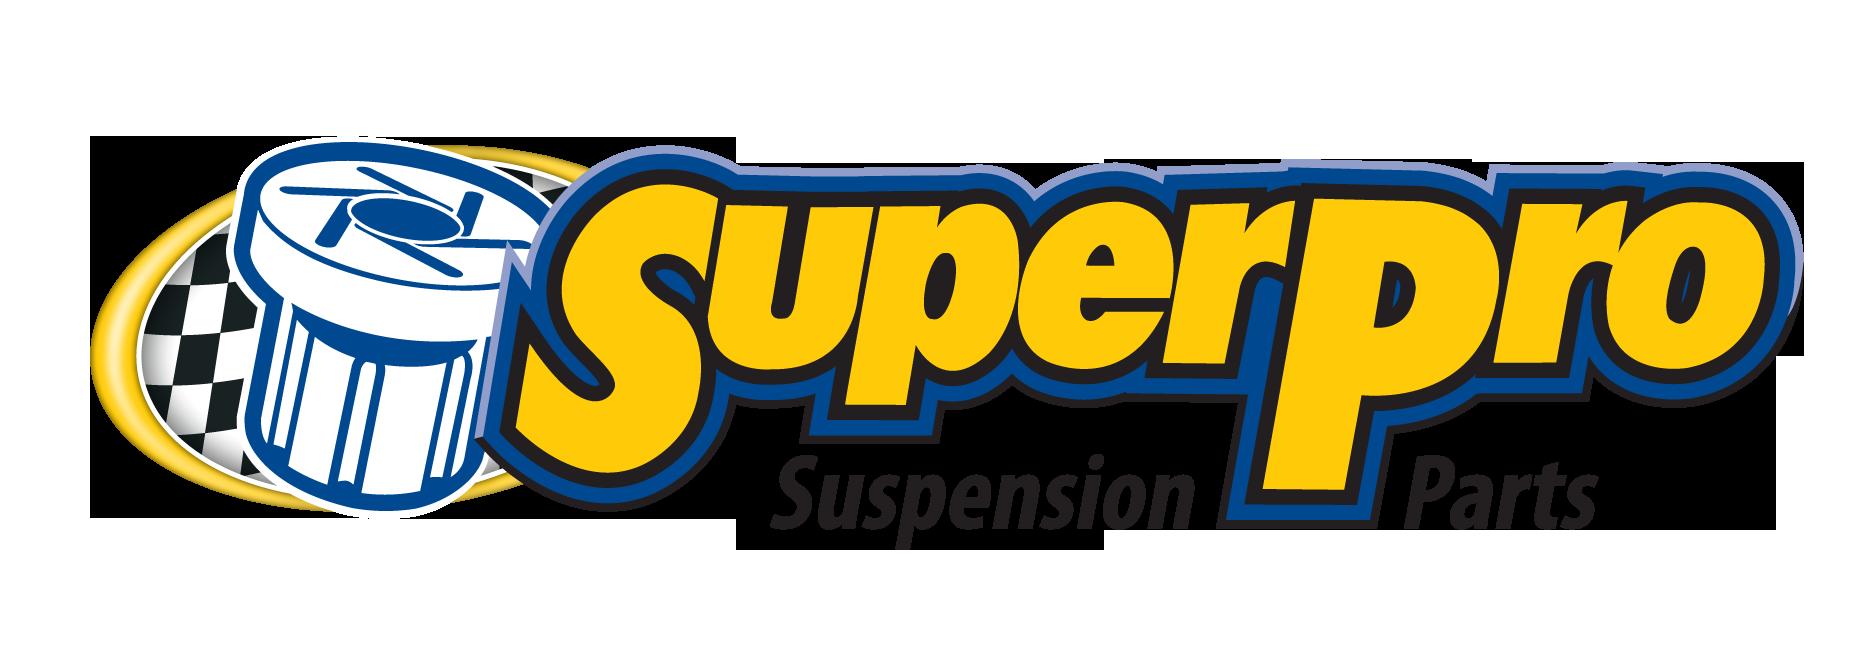 Superpro  banner image